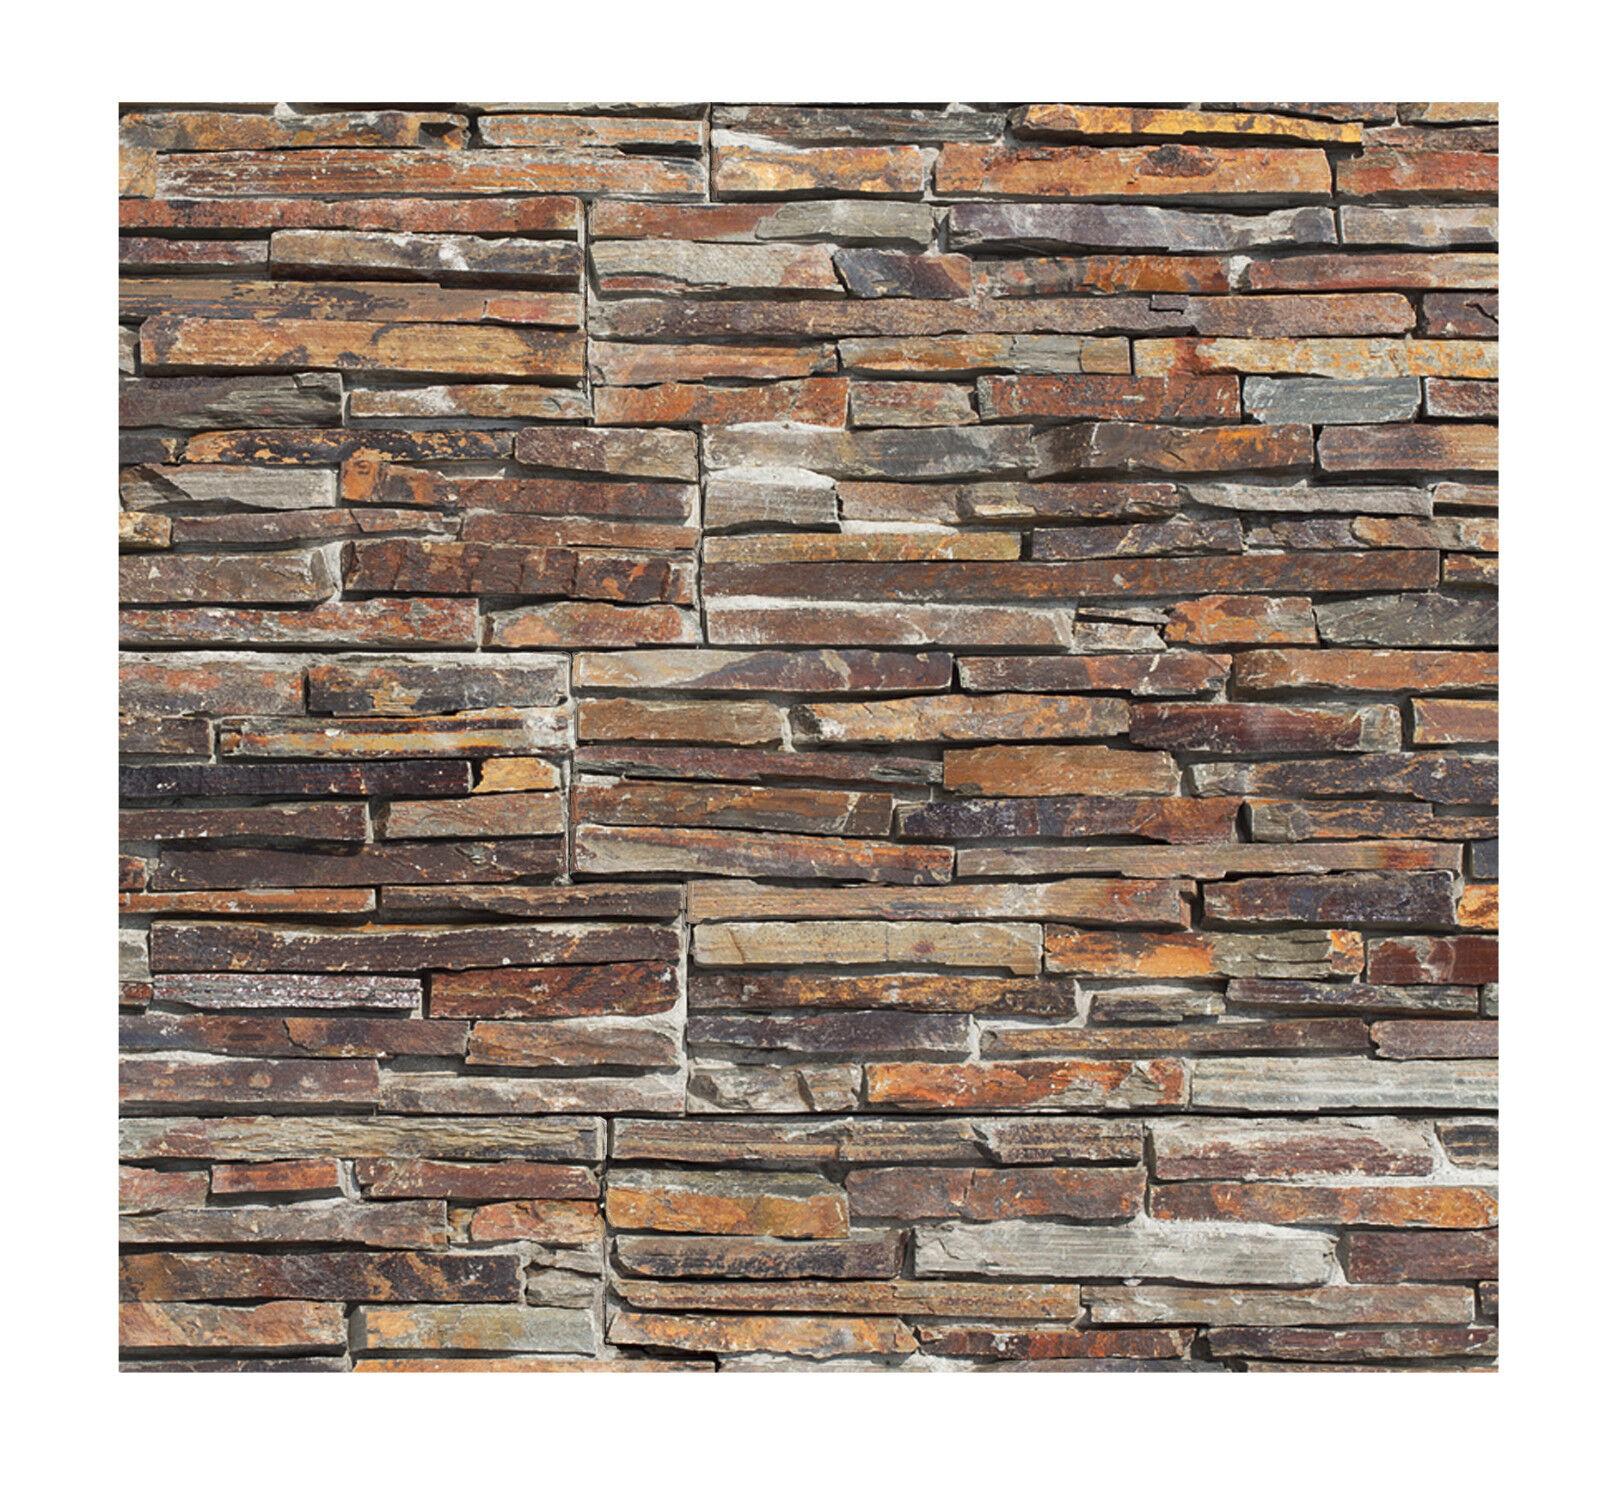 1 qm - W-004 - Naturstein-Wand - Fliesen Lager Stein-mosaik Herne - Wanddesign -